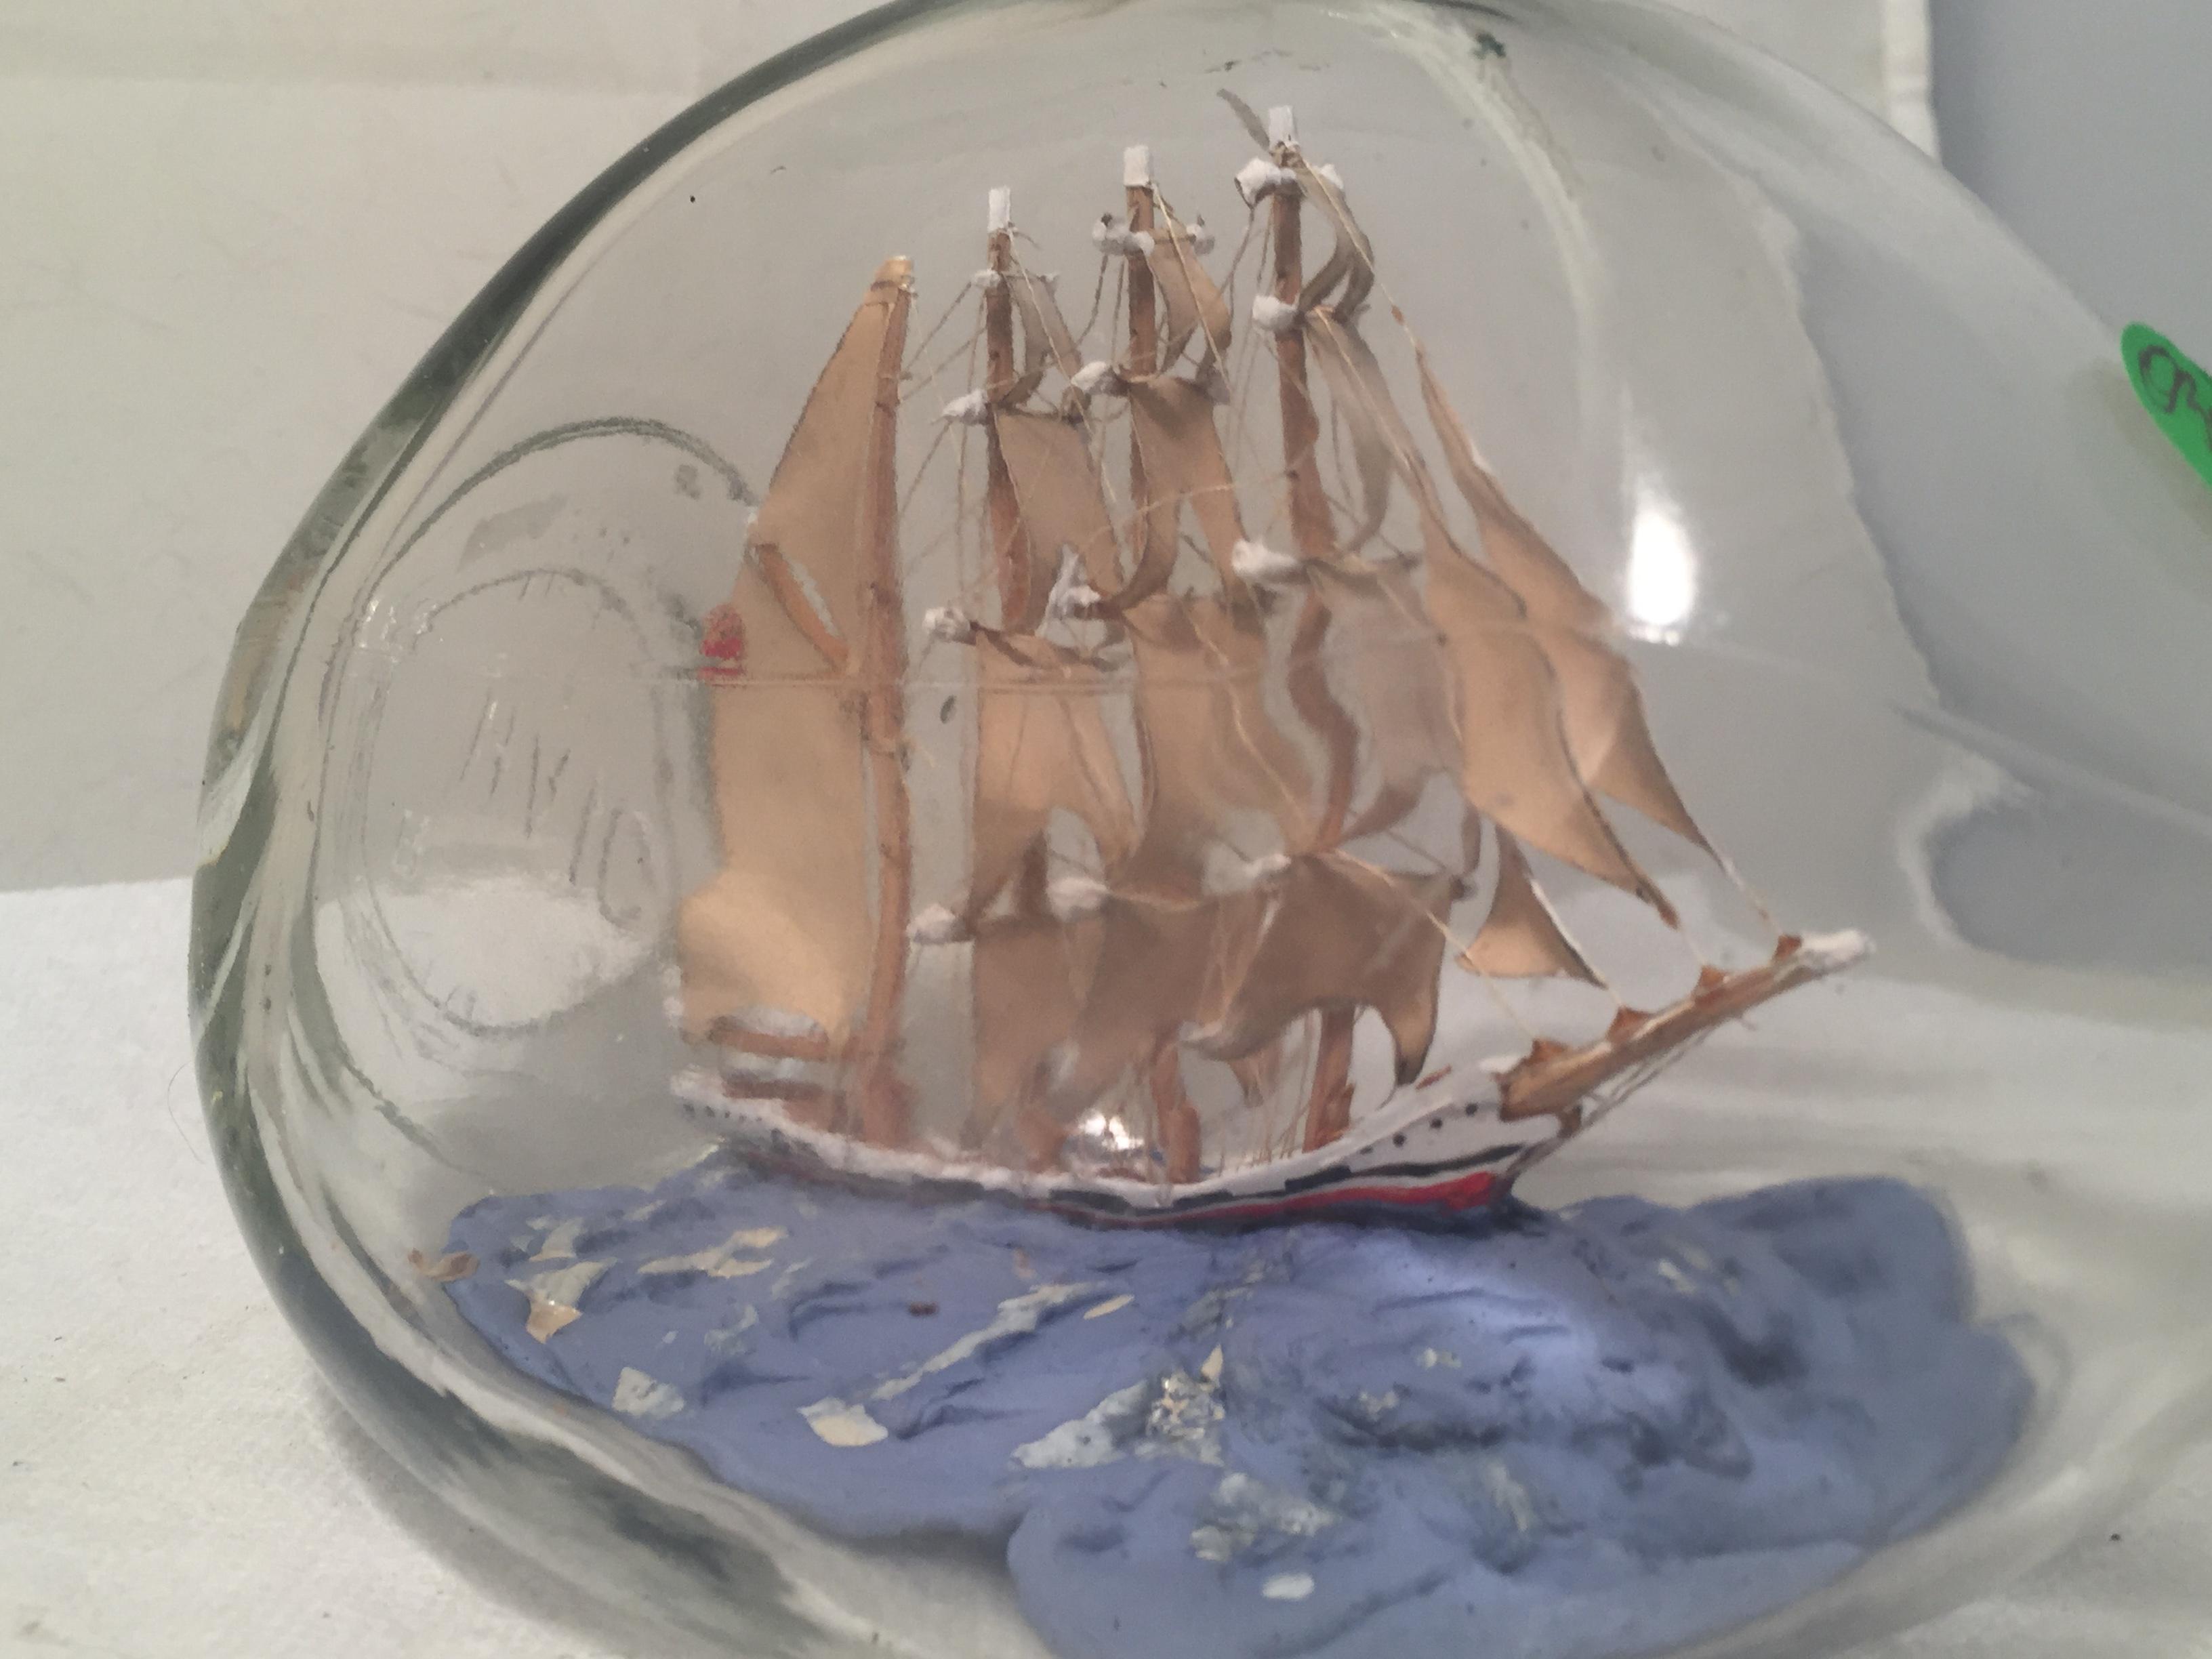 ship in a pinch bottle